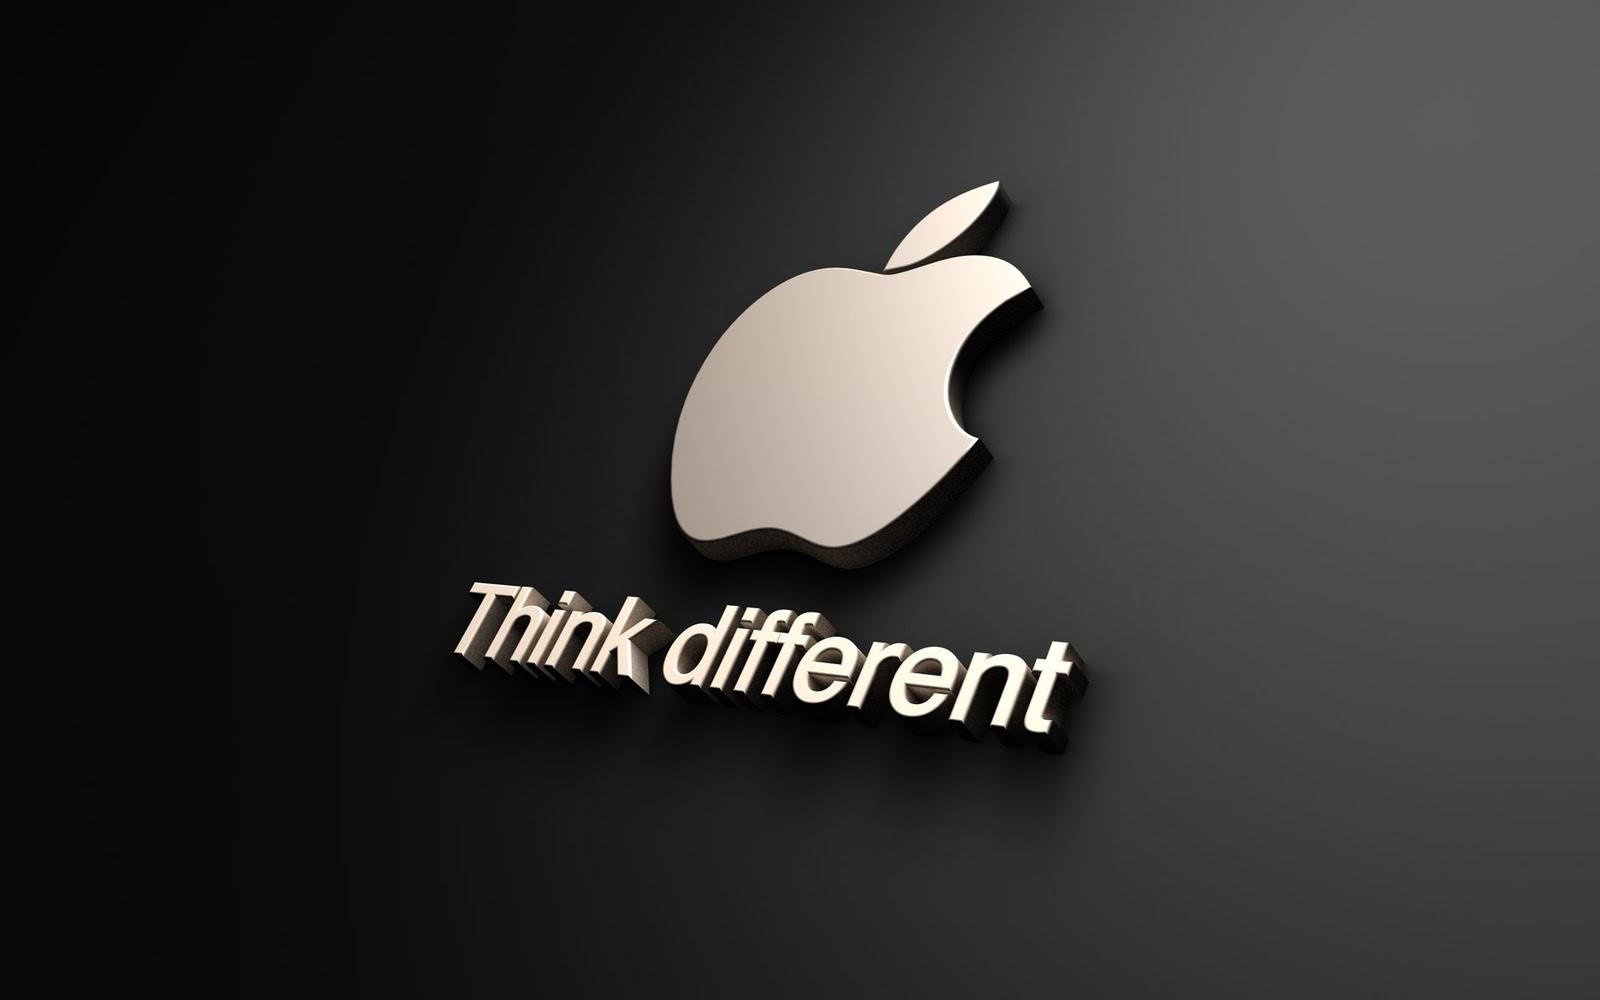 Apple выплатит 500 миллионов долларов штрафа за нарушение патента